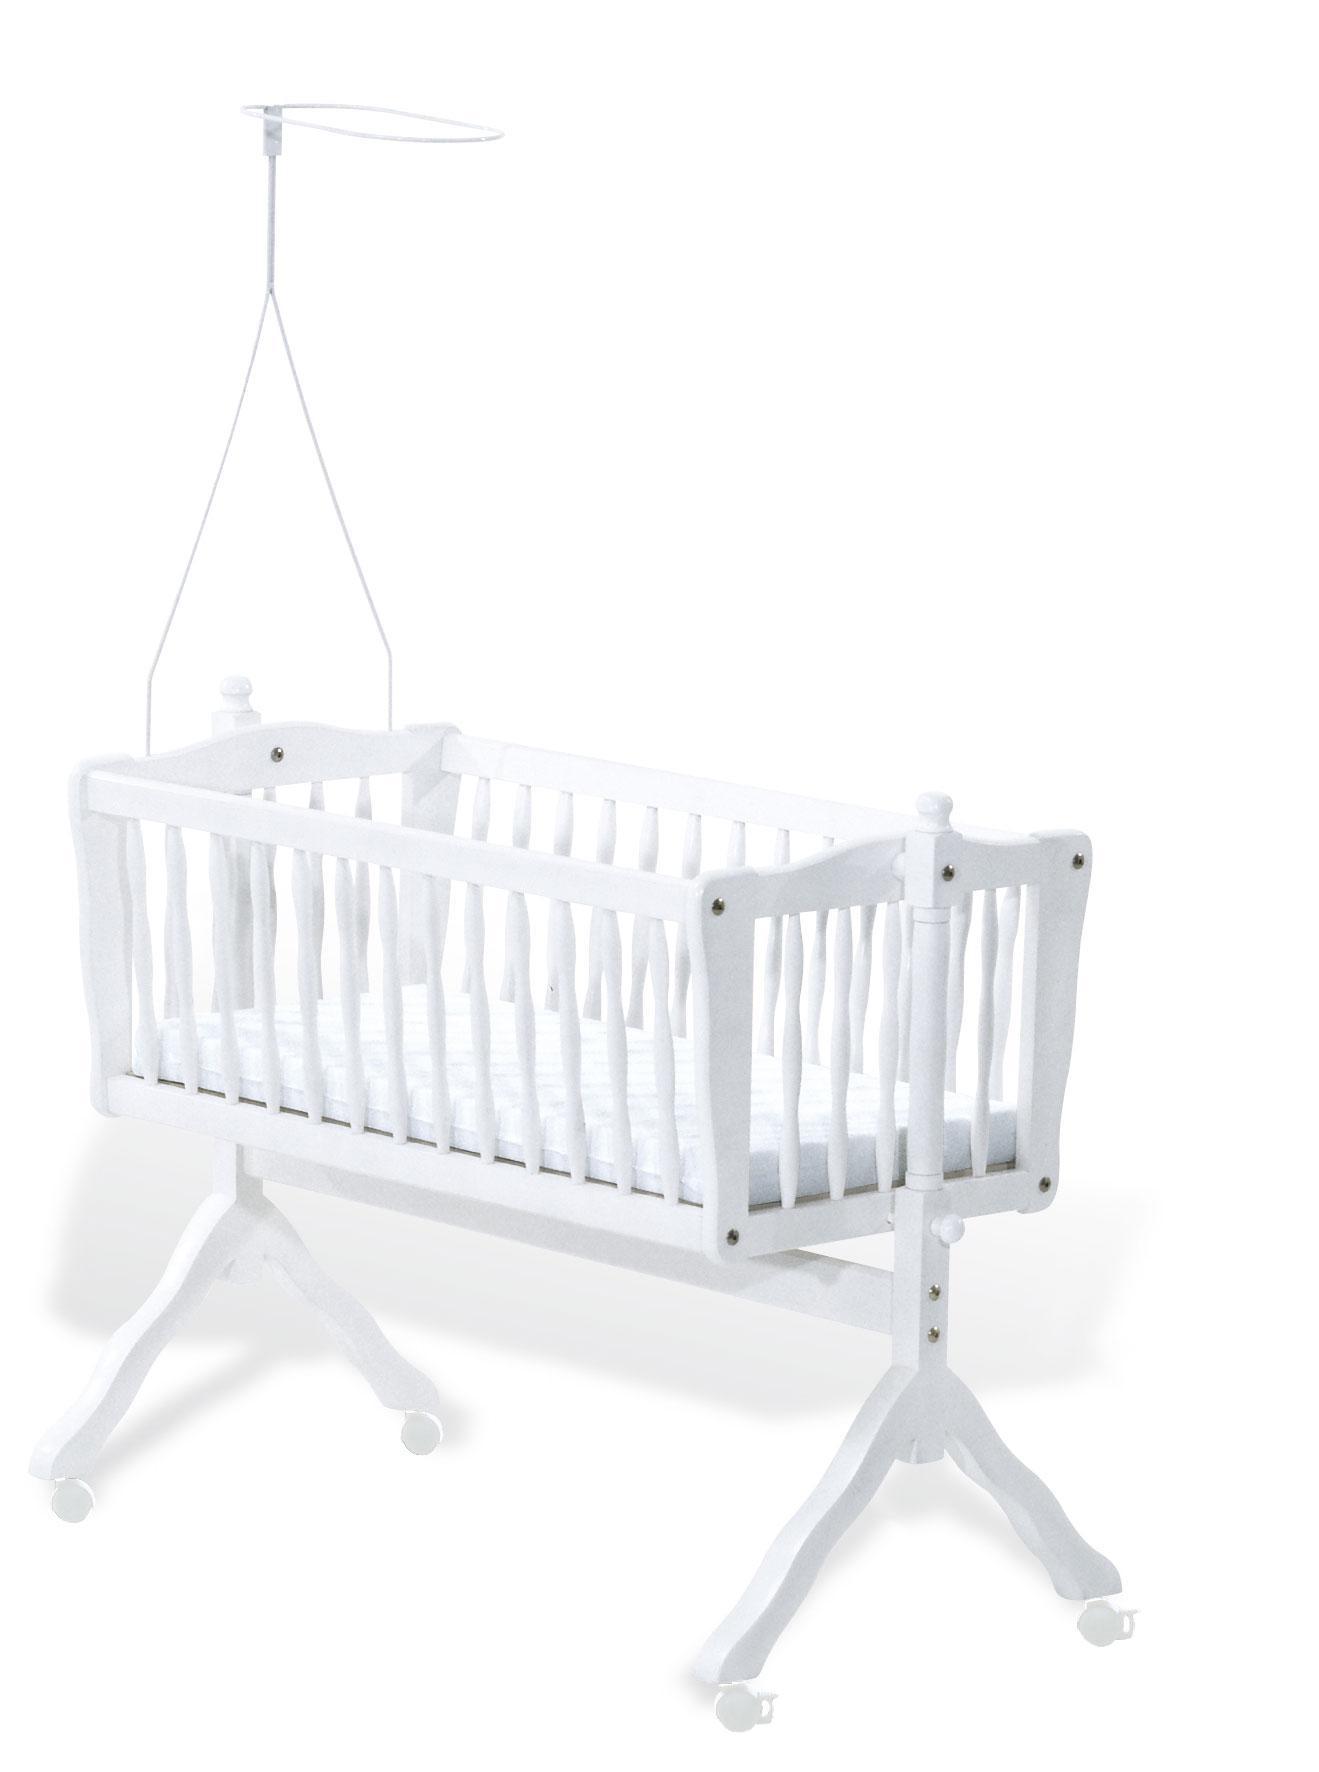 roulettes pour lit bebe ikea id es de tricot gratuit. Black Bedroom Furniture Sets. Home Design Ideas